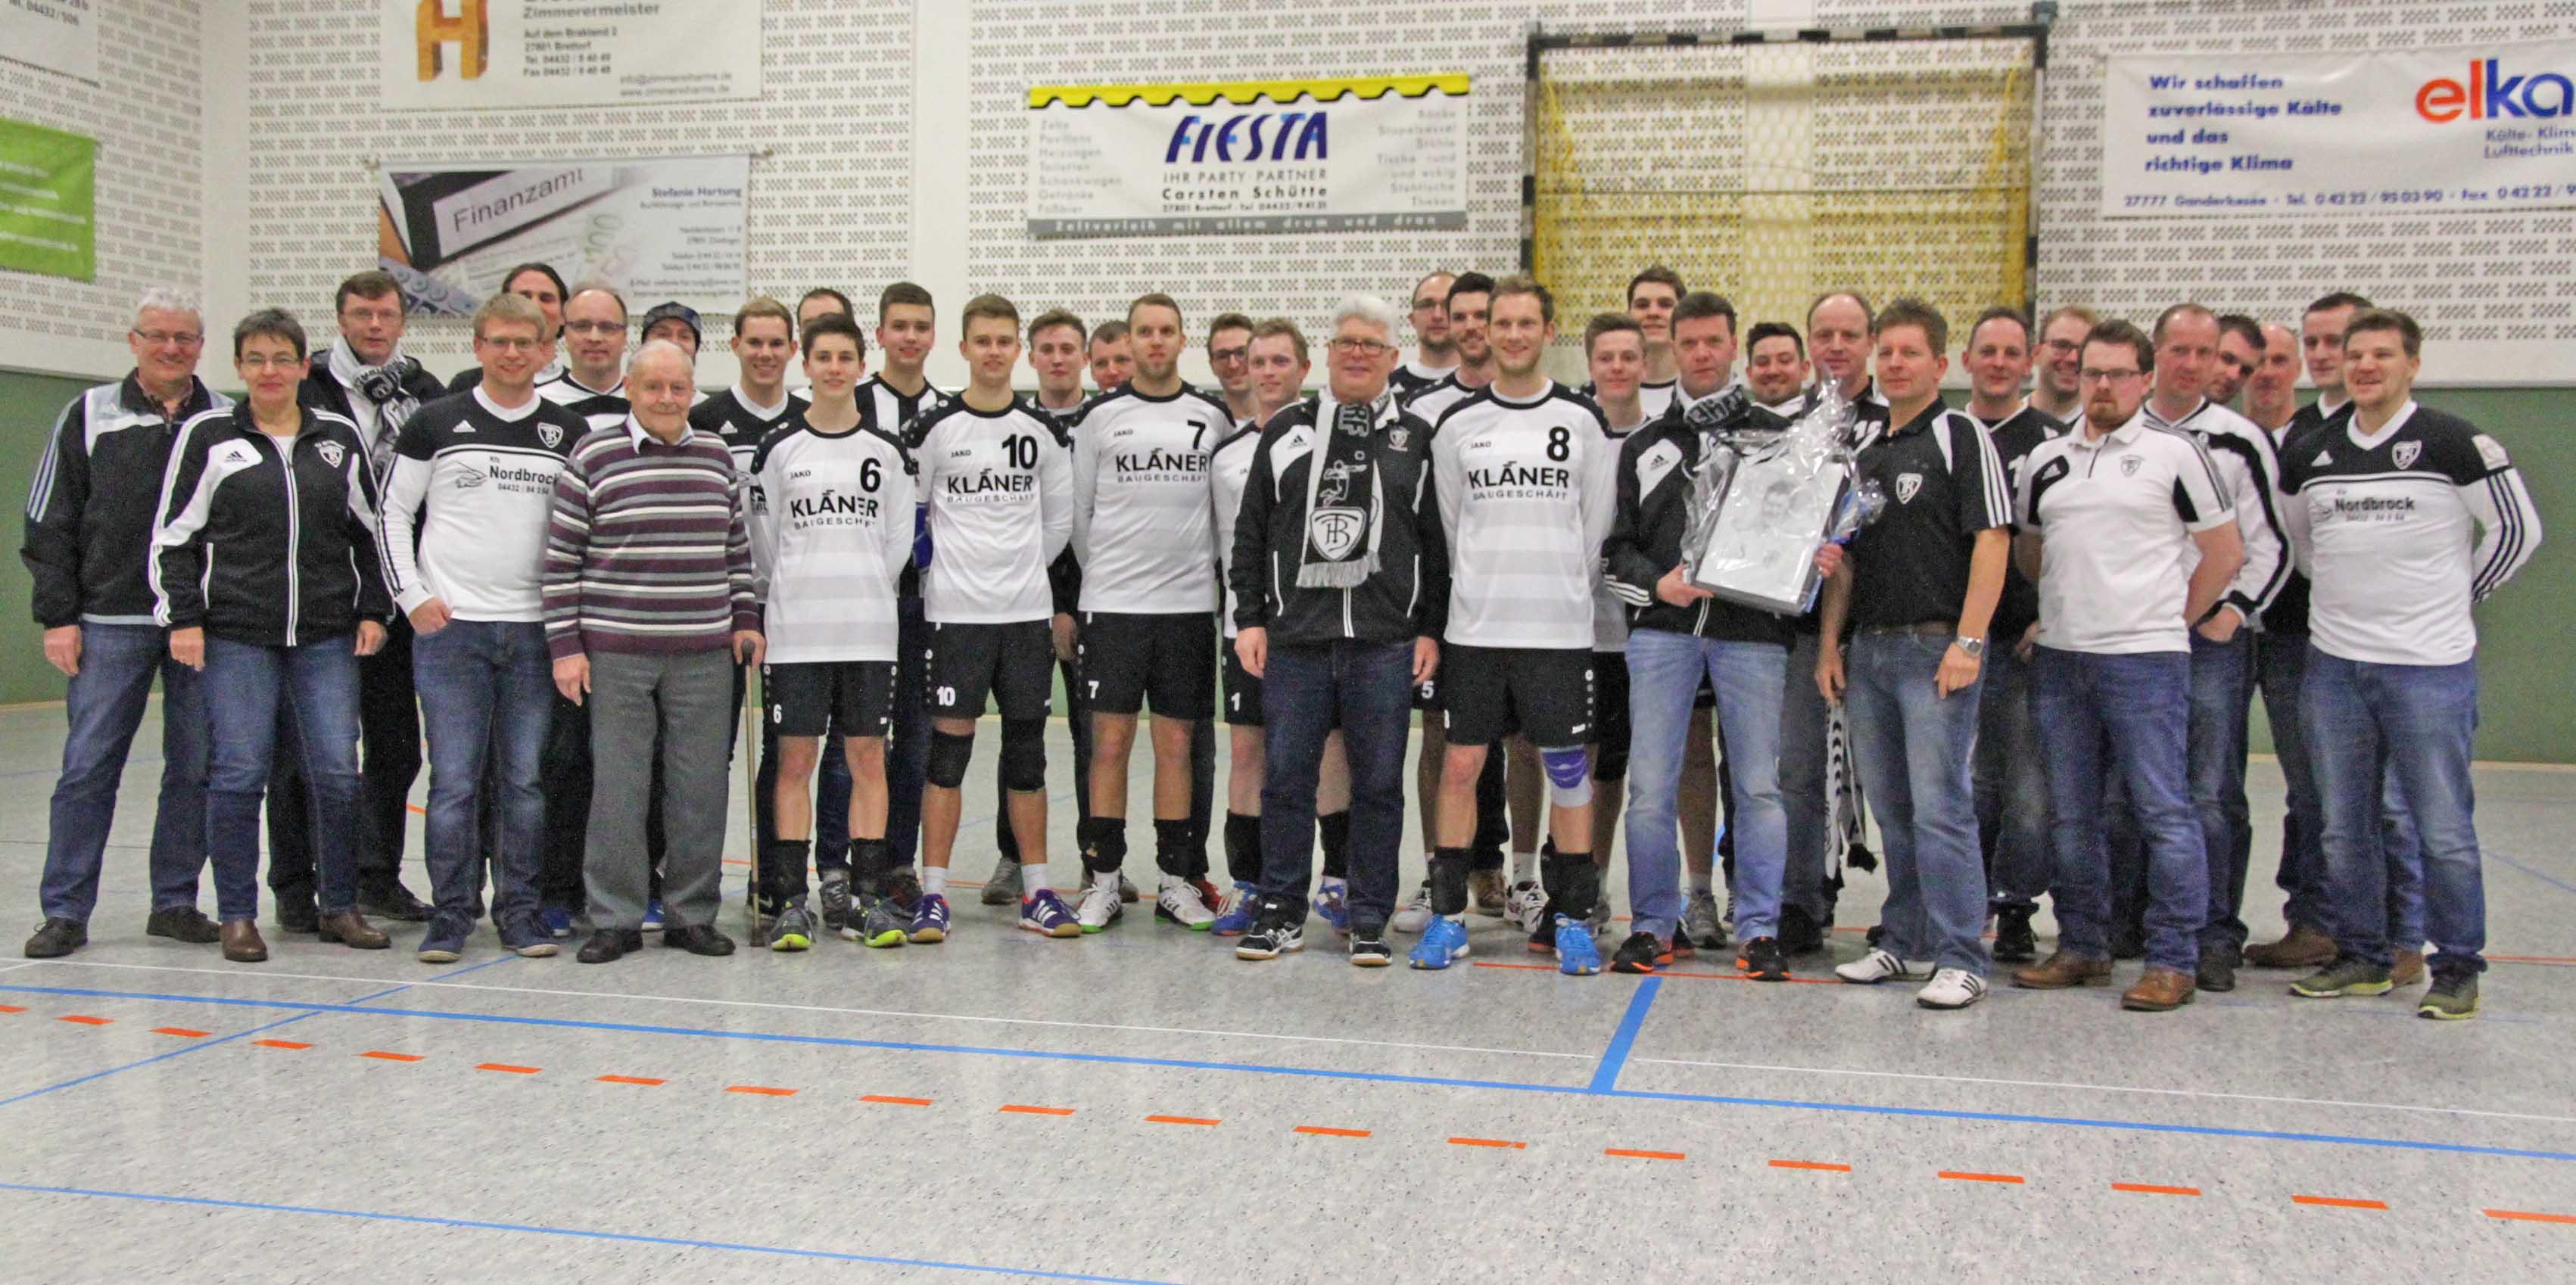 Gruppenbild mit Kläner (Foto: DFBL/Spille)